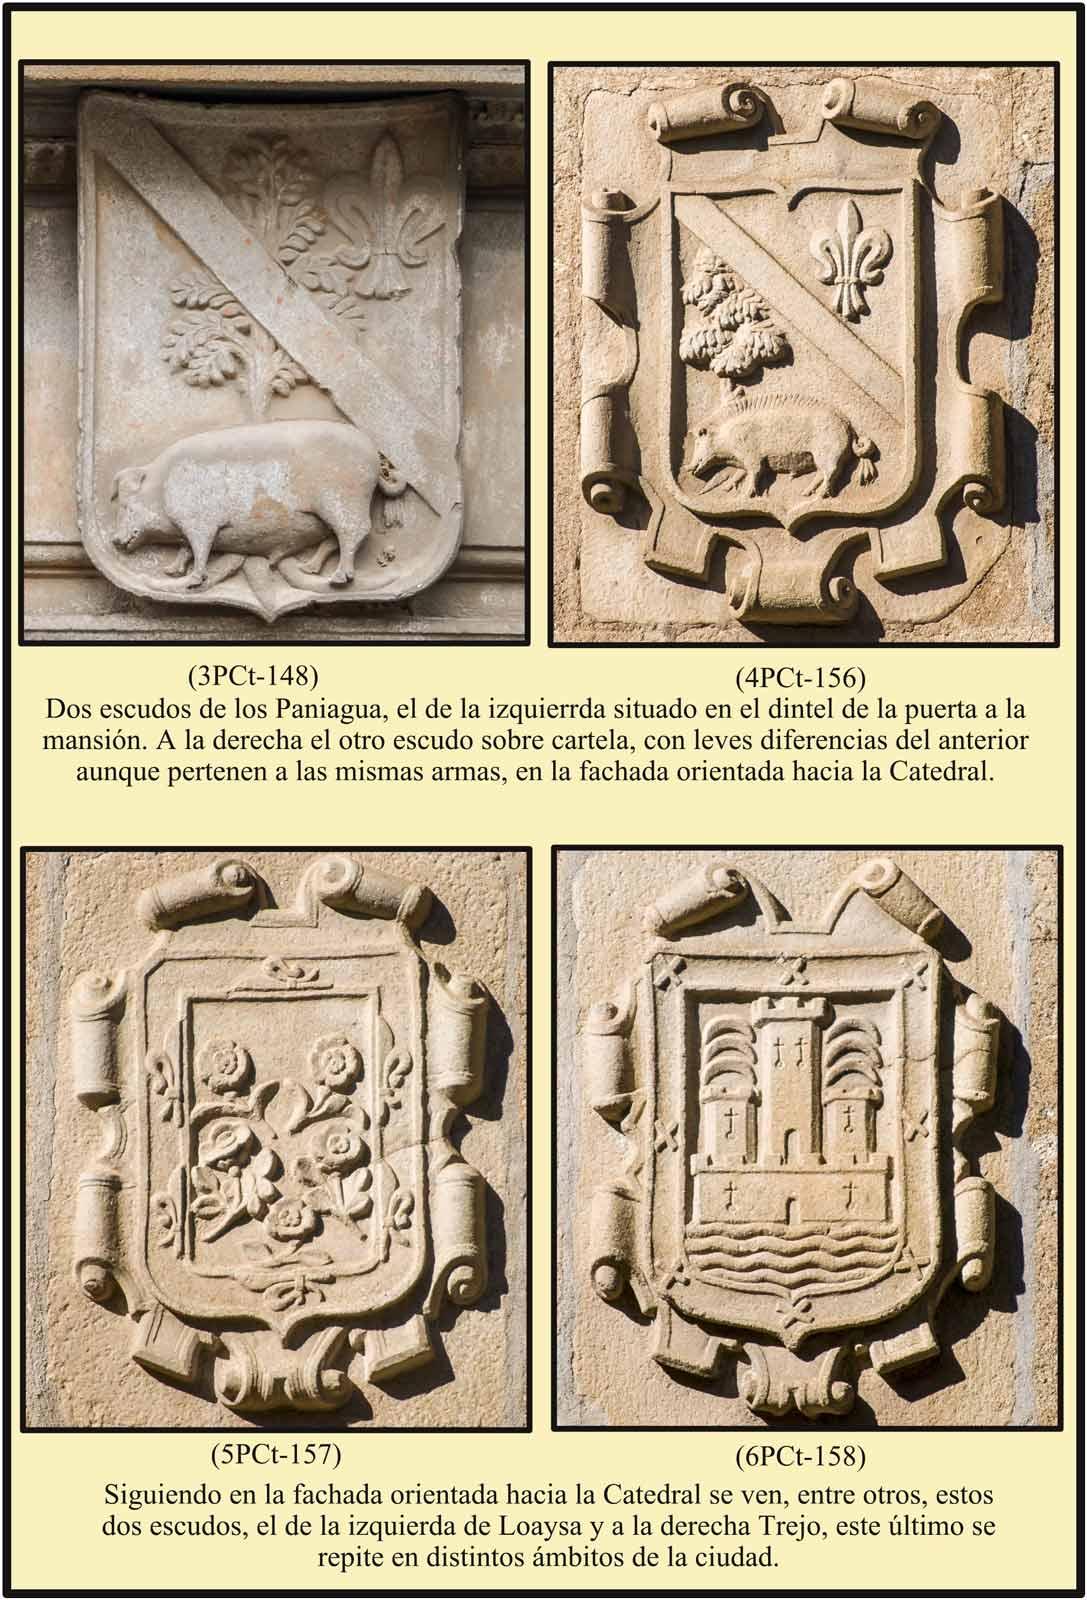 Escudos Paniagua Loaysa Trejo en las fachadas de la Casa del Dean Plaza de la Catedral